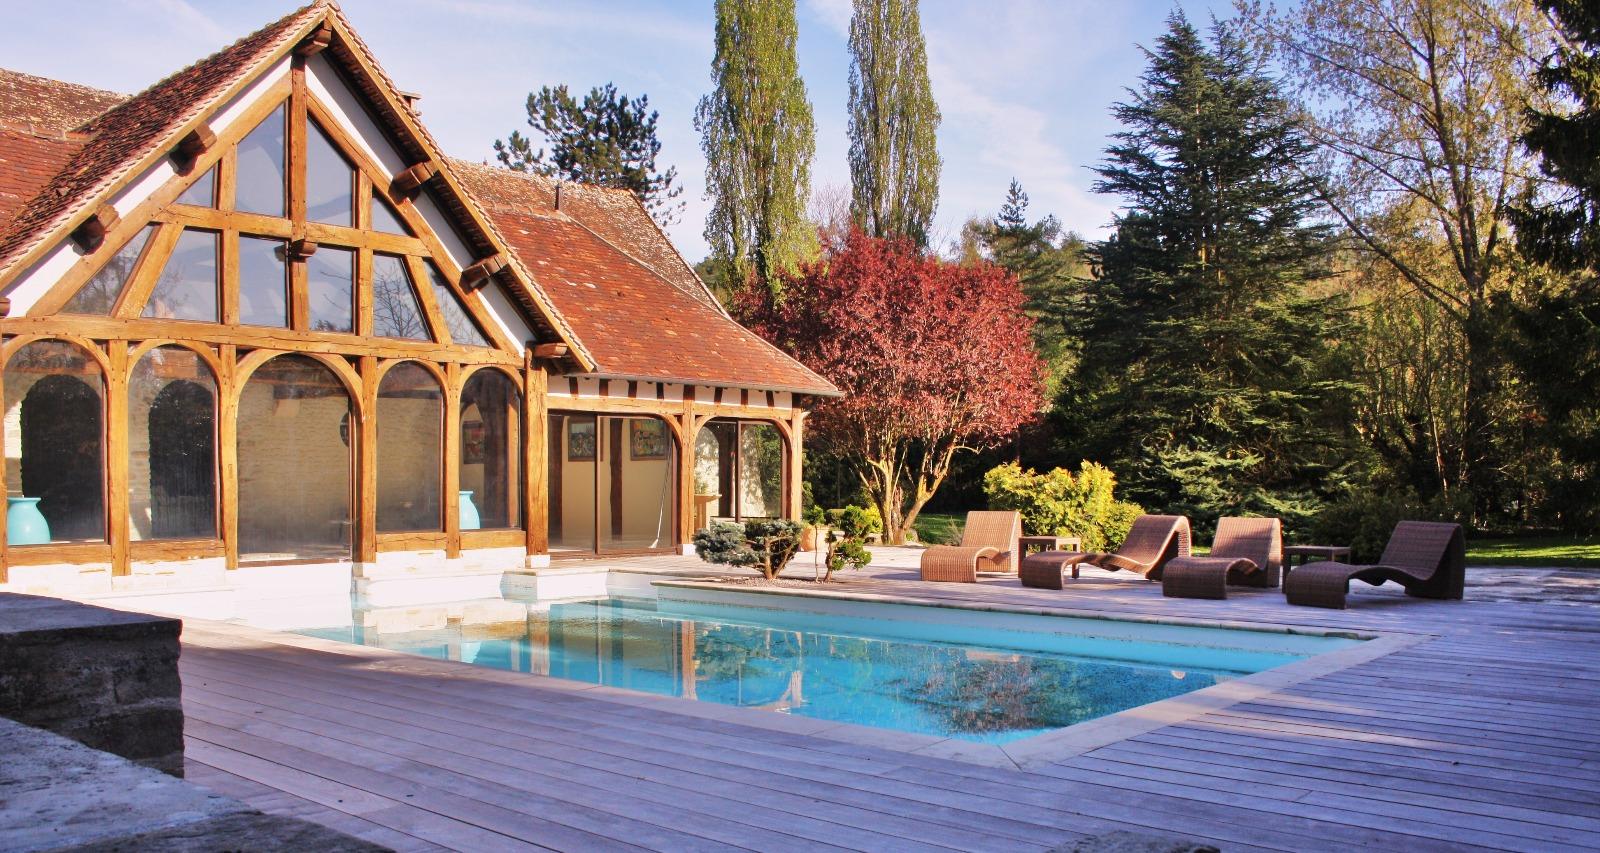 Maison ancienne avec piscine int rieur et ext rieur 4 chambres - Interieur maison ancienne ...